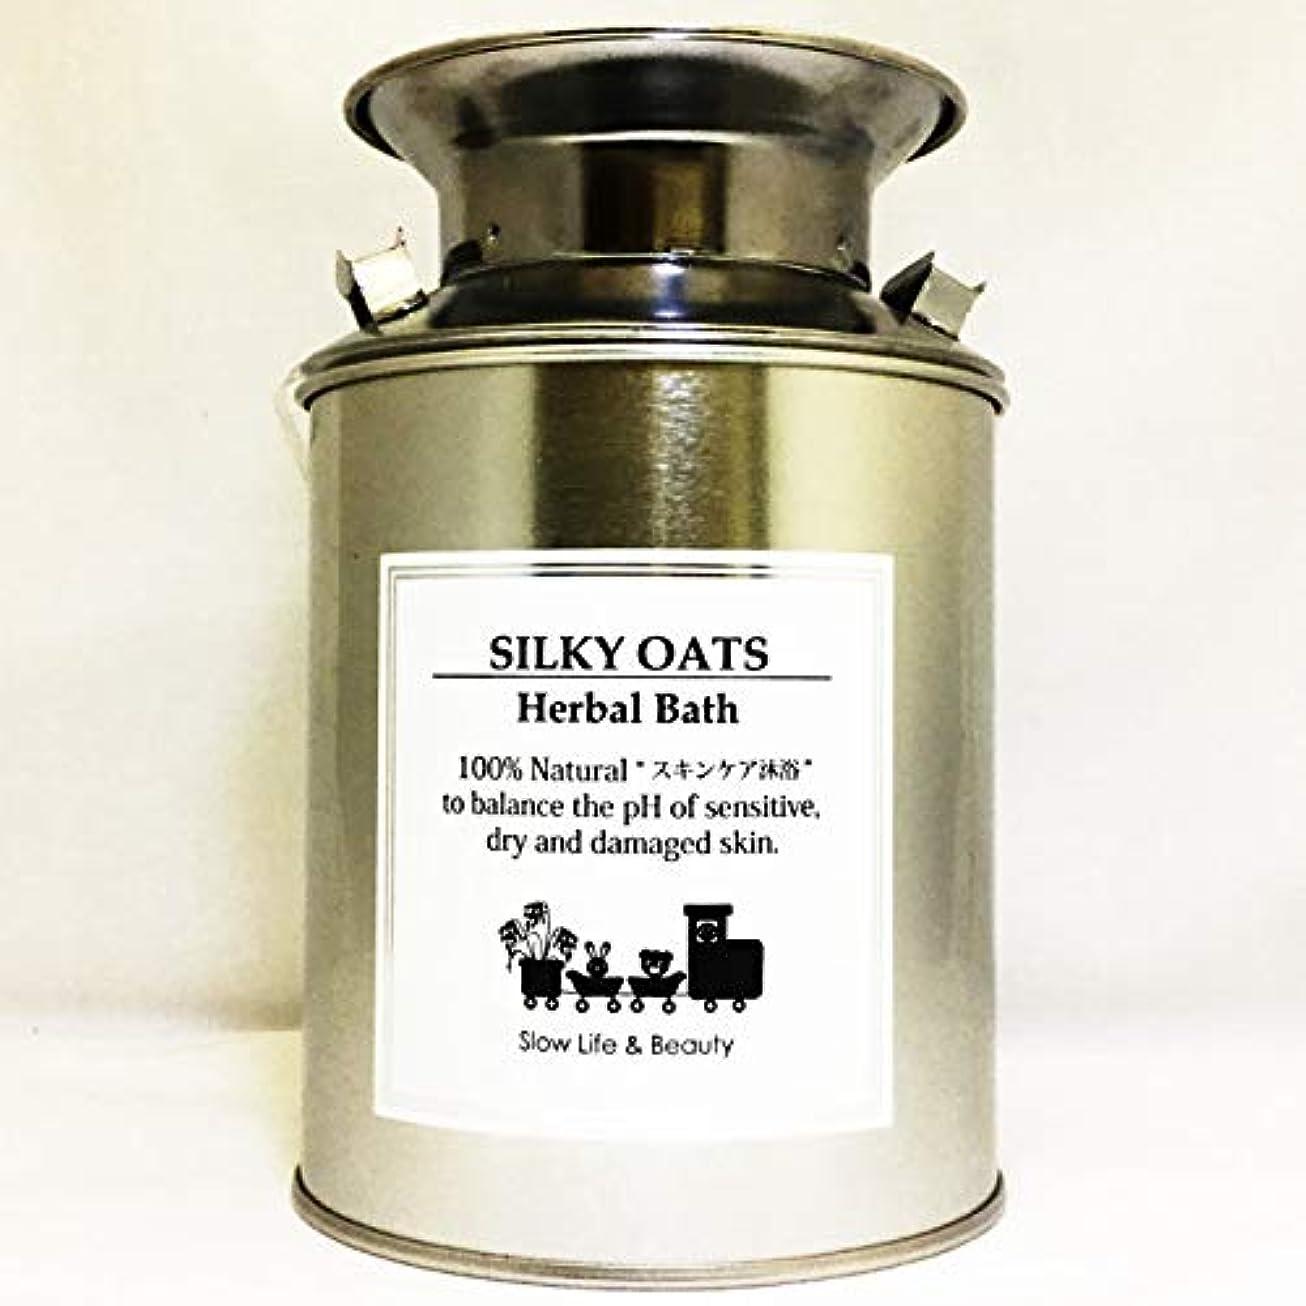 ラボブロッサム欠点シーラン SEARUN SILKY OATS Herbal Bath(ハーバルバス)10g×20袋